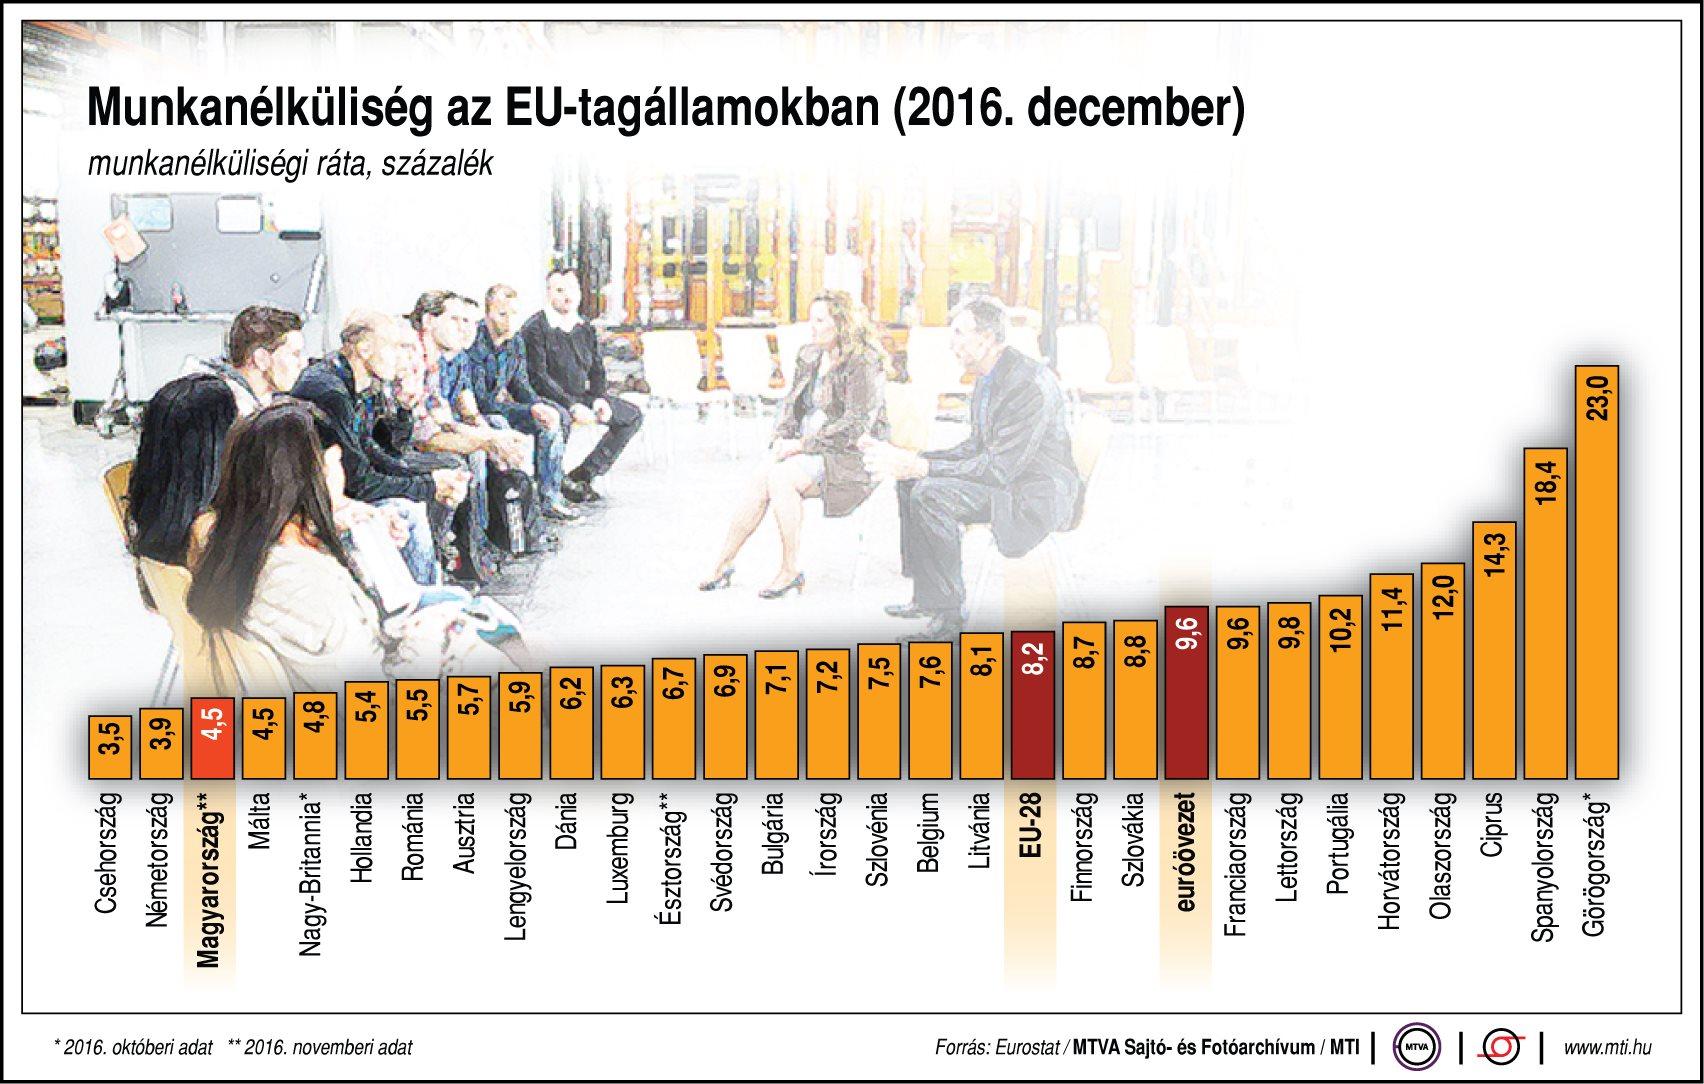 Munkanélküliség az EU-tagállamokban